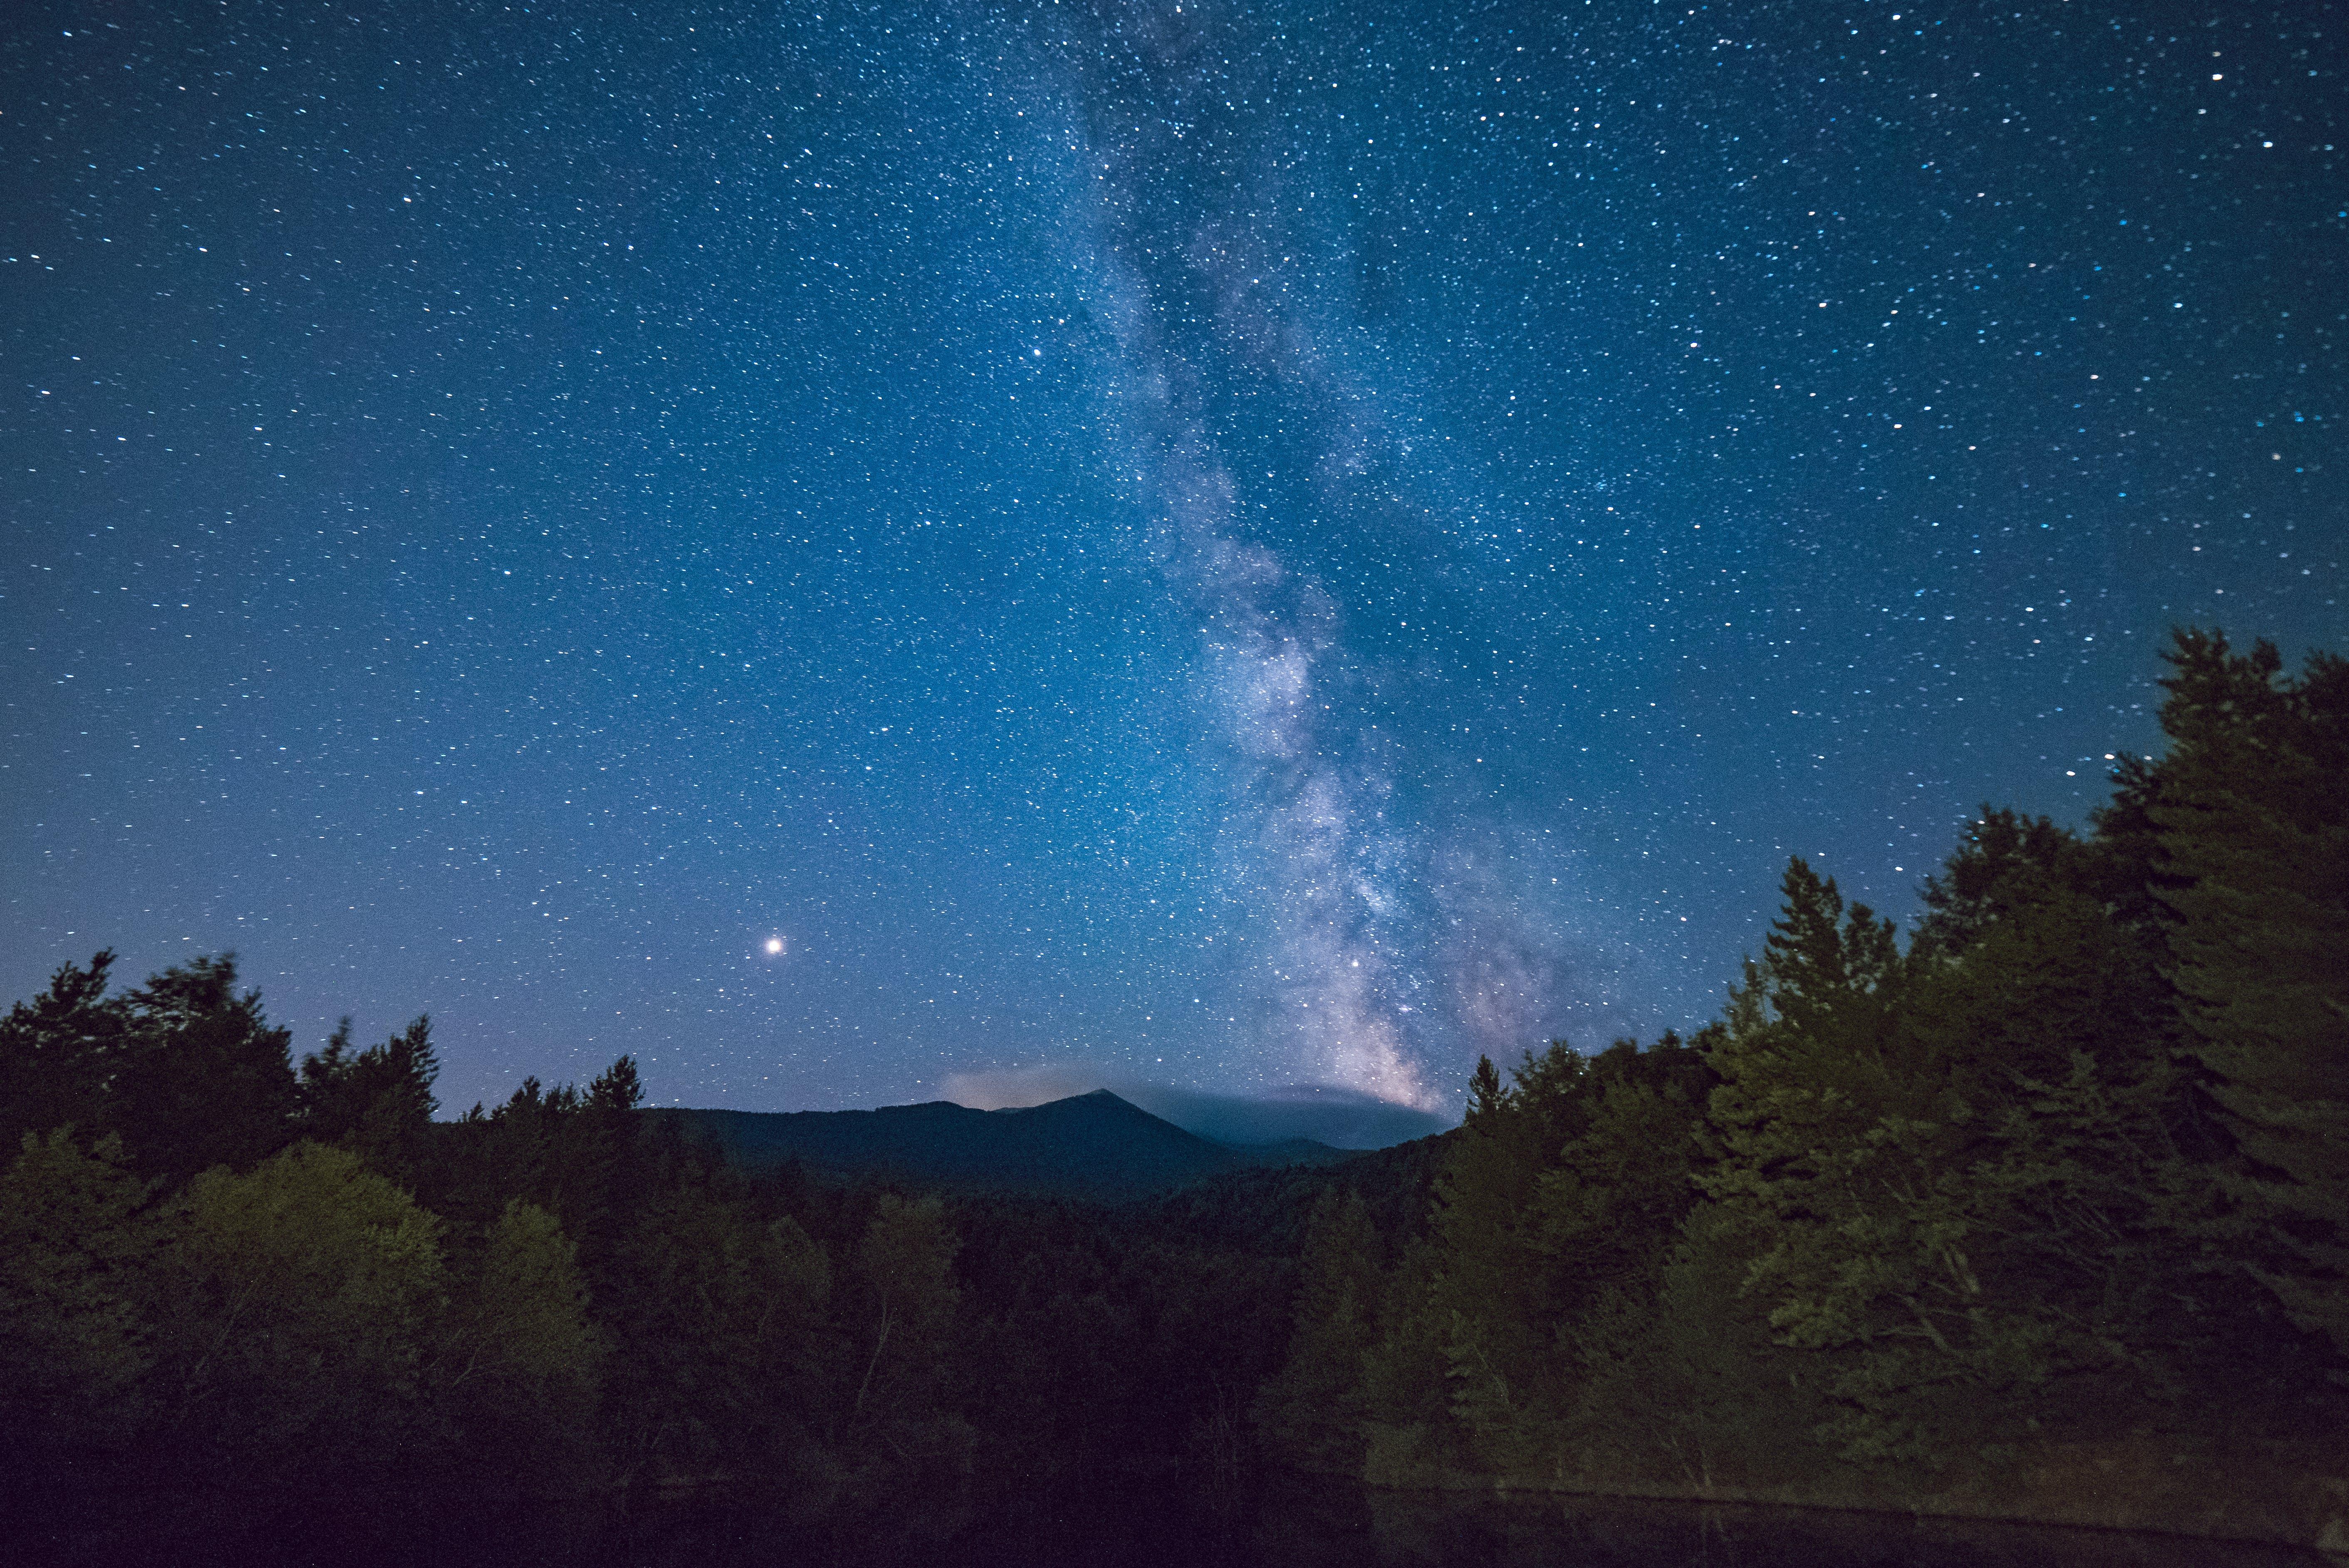 Scenic View Of Night Sky